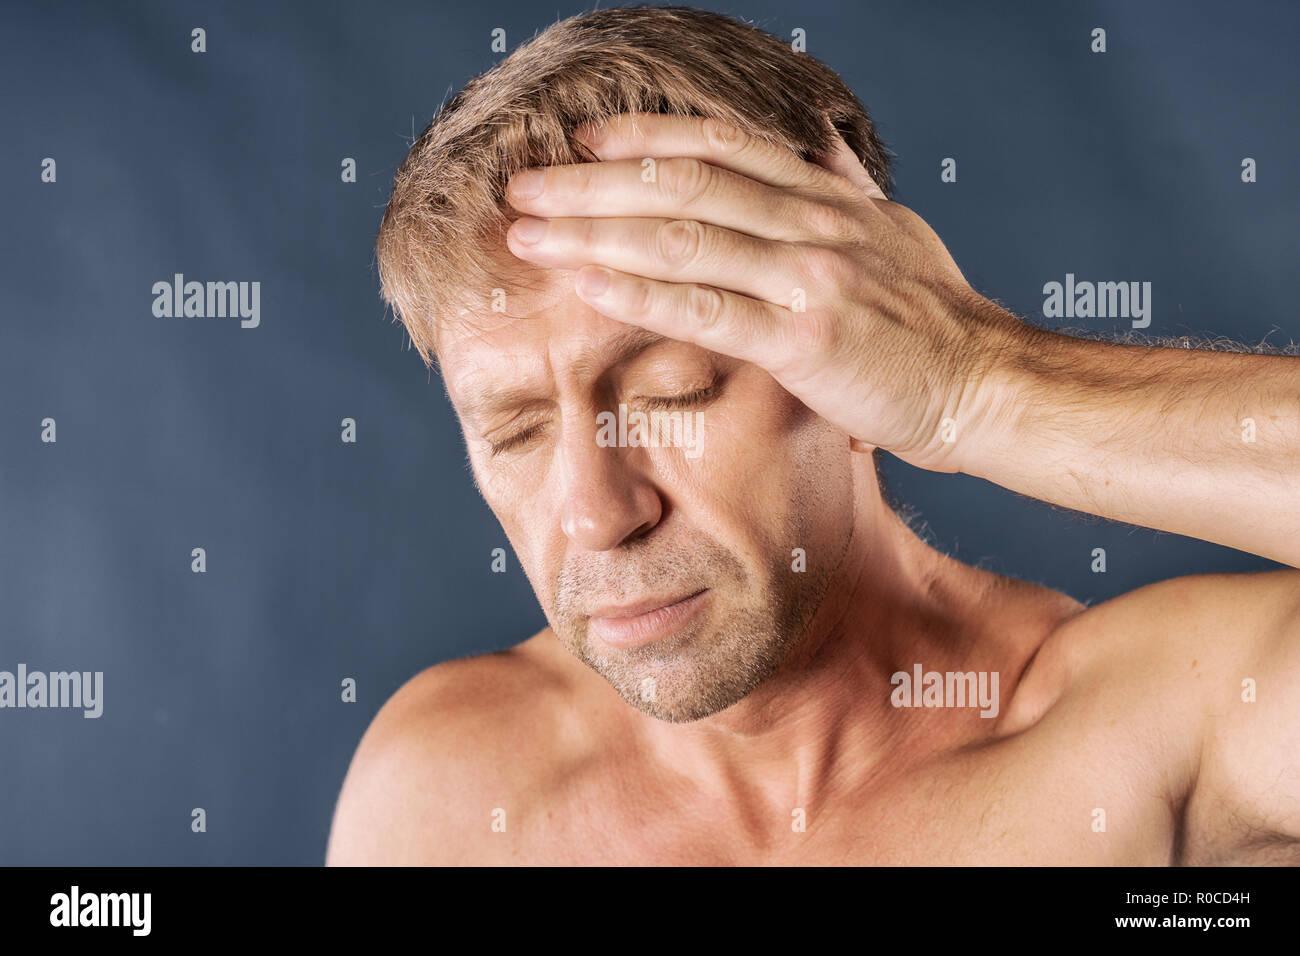 Ein Mann hält seine Hände auf seinen Kopf auf blauem Hintergrund Stockbild